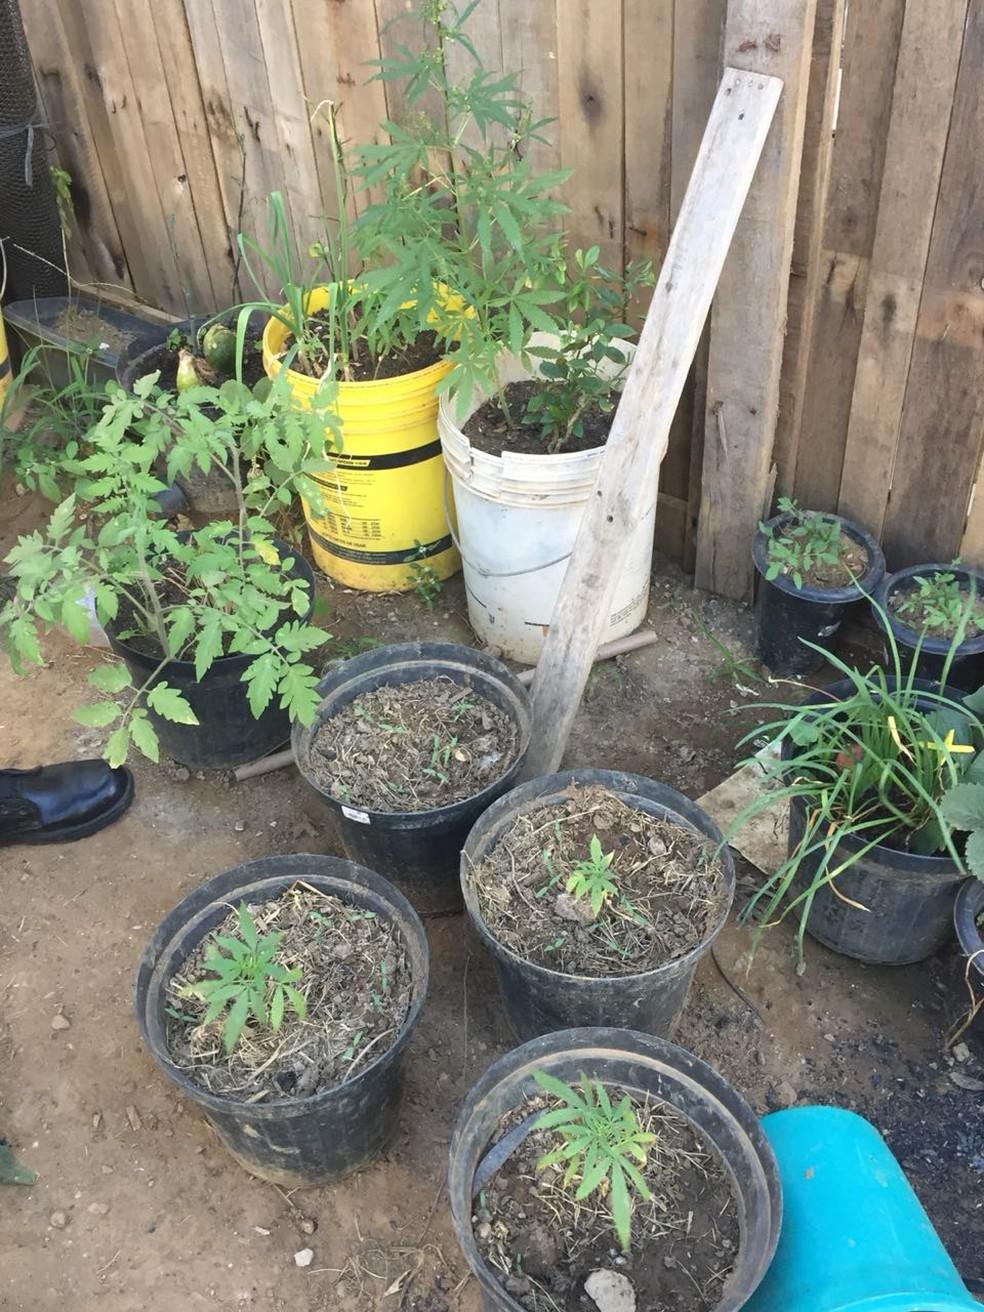 Plantação foi descoberto em quintal de residência em Primavera do Leste (Foto: Polícia Militar/Divulgação)